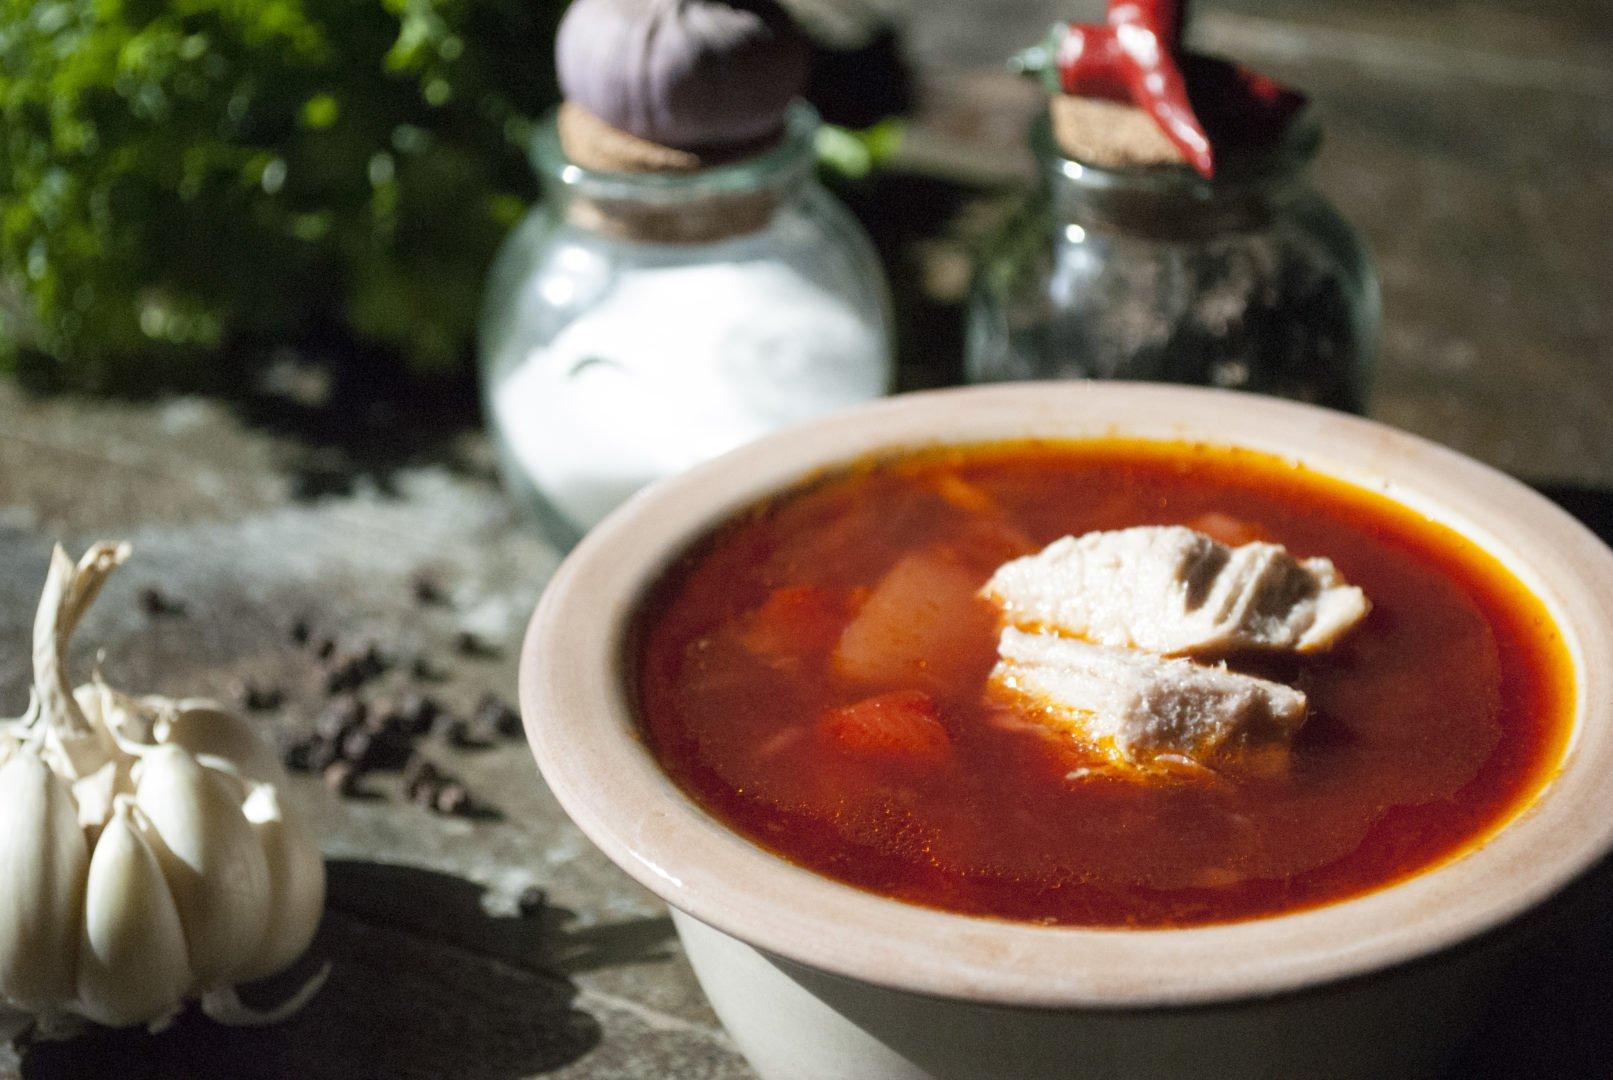 Soup - Poultry Borscht - Siberian Borscht With Chicken